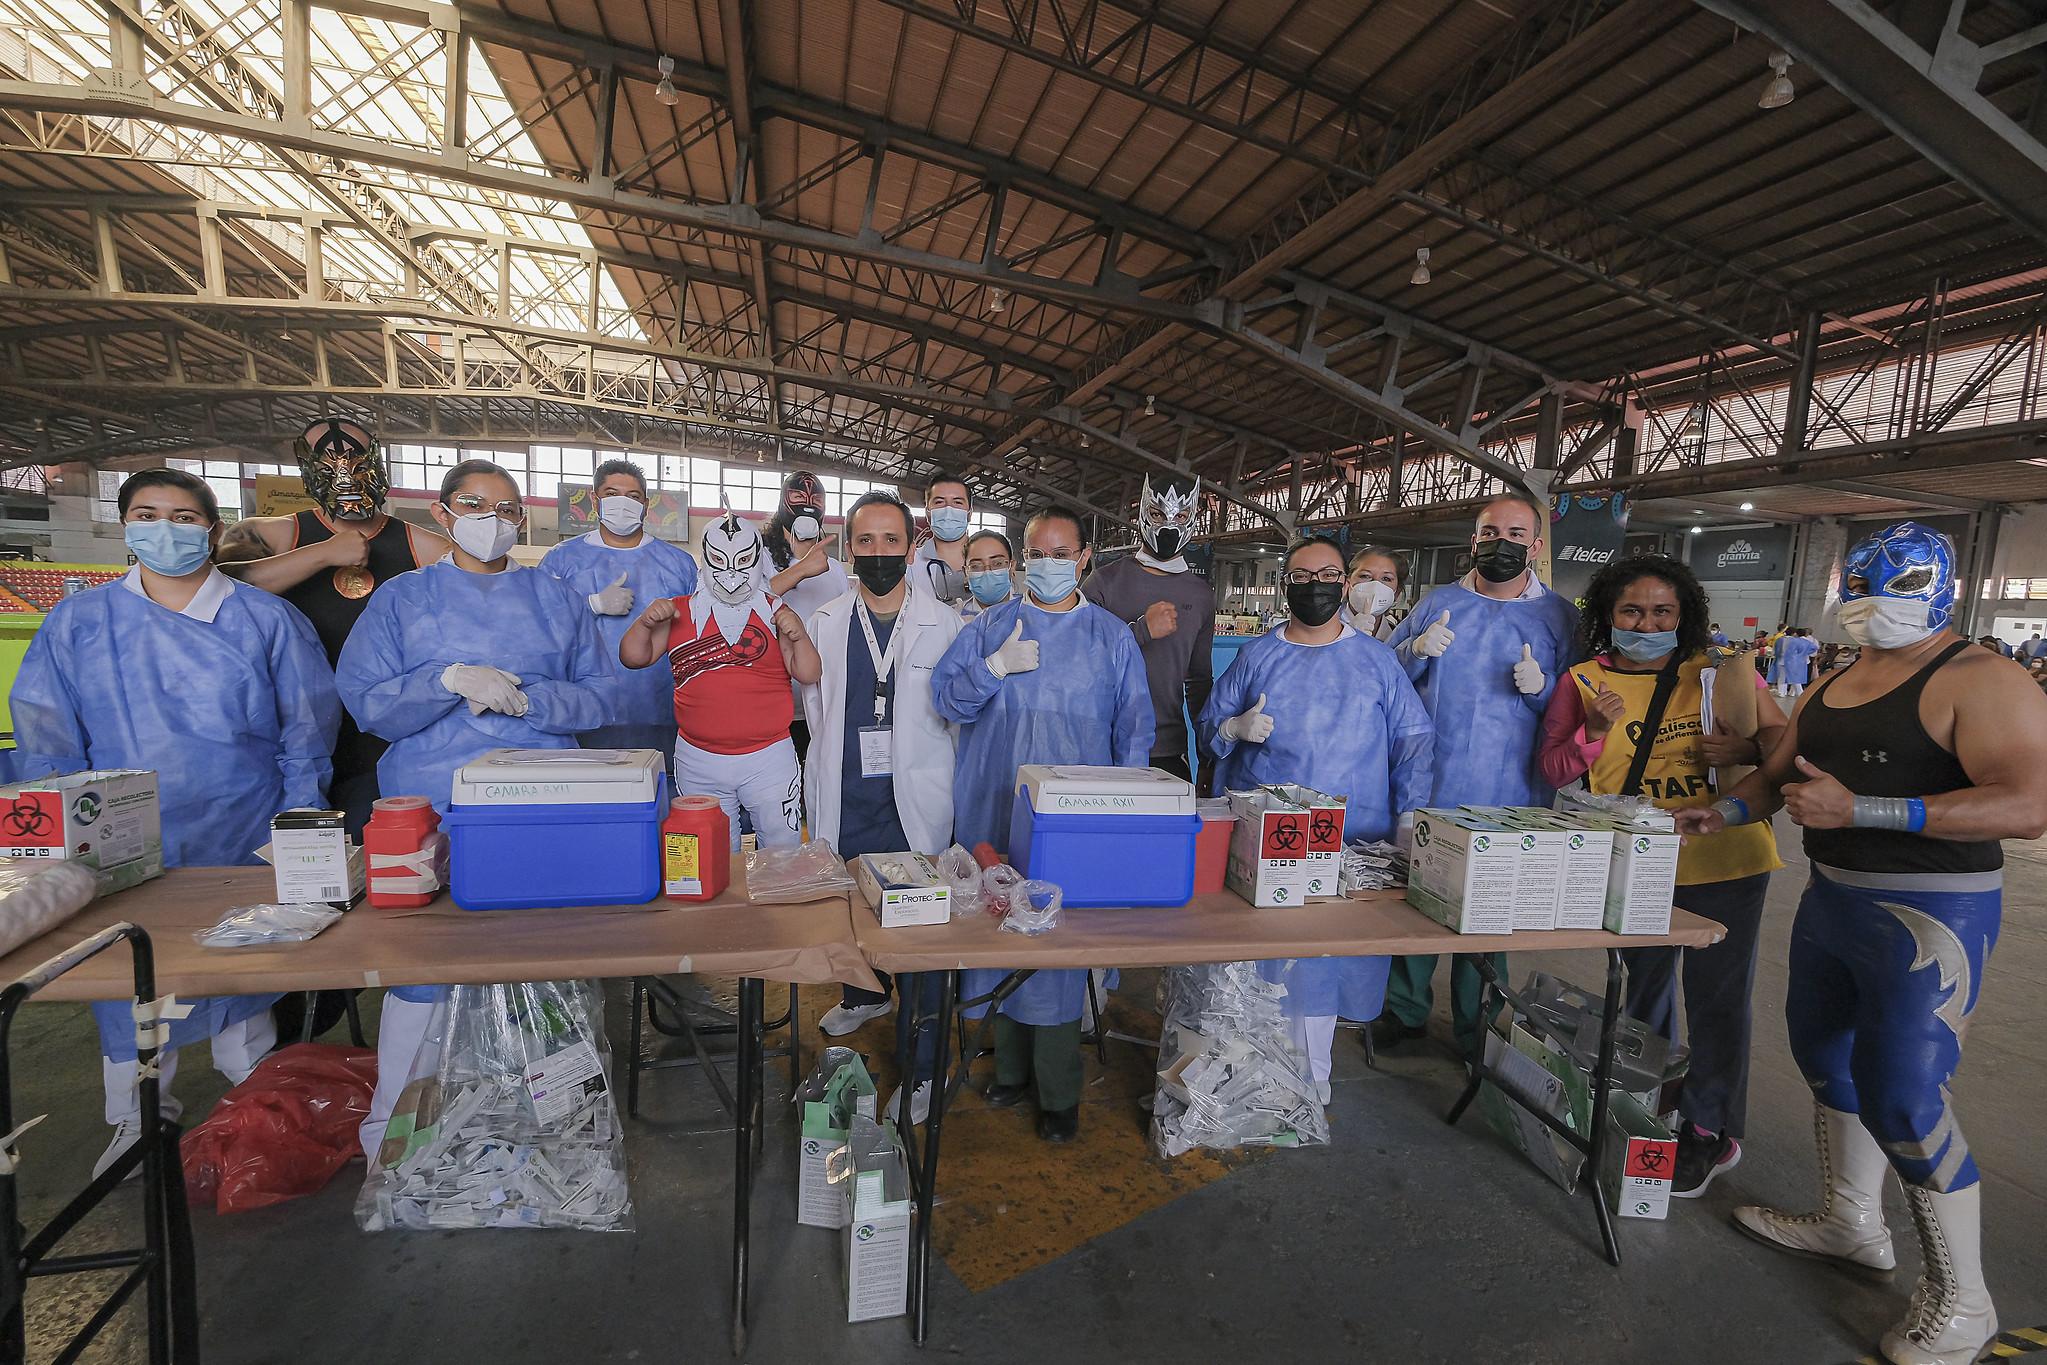 Apoyan héroes enmascarados en Macromódulo Metropolitano de Vacunación contra COVID-19 a personas mayores